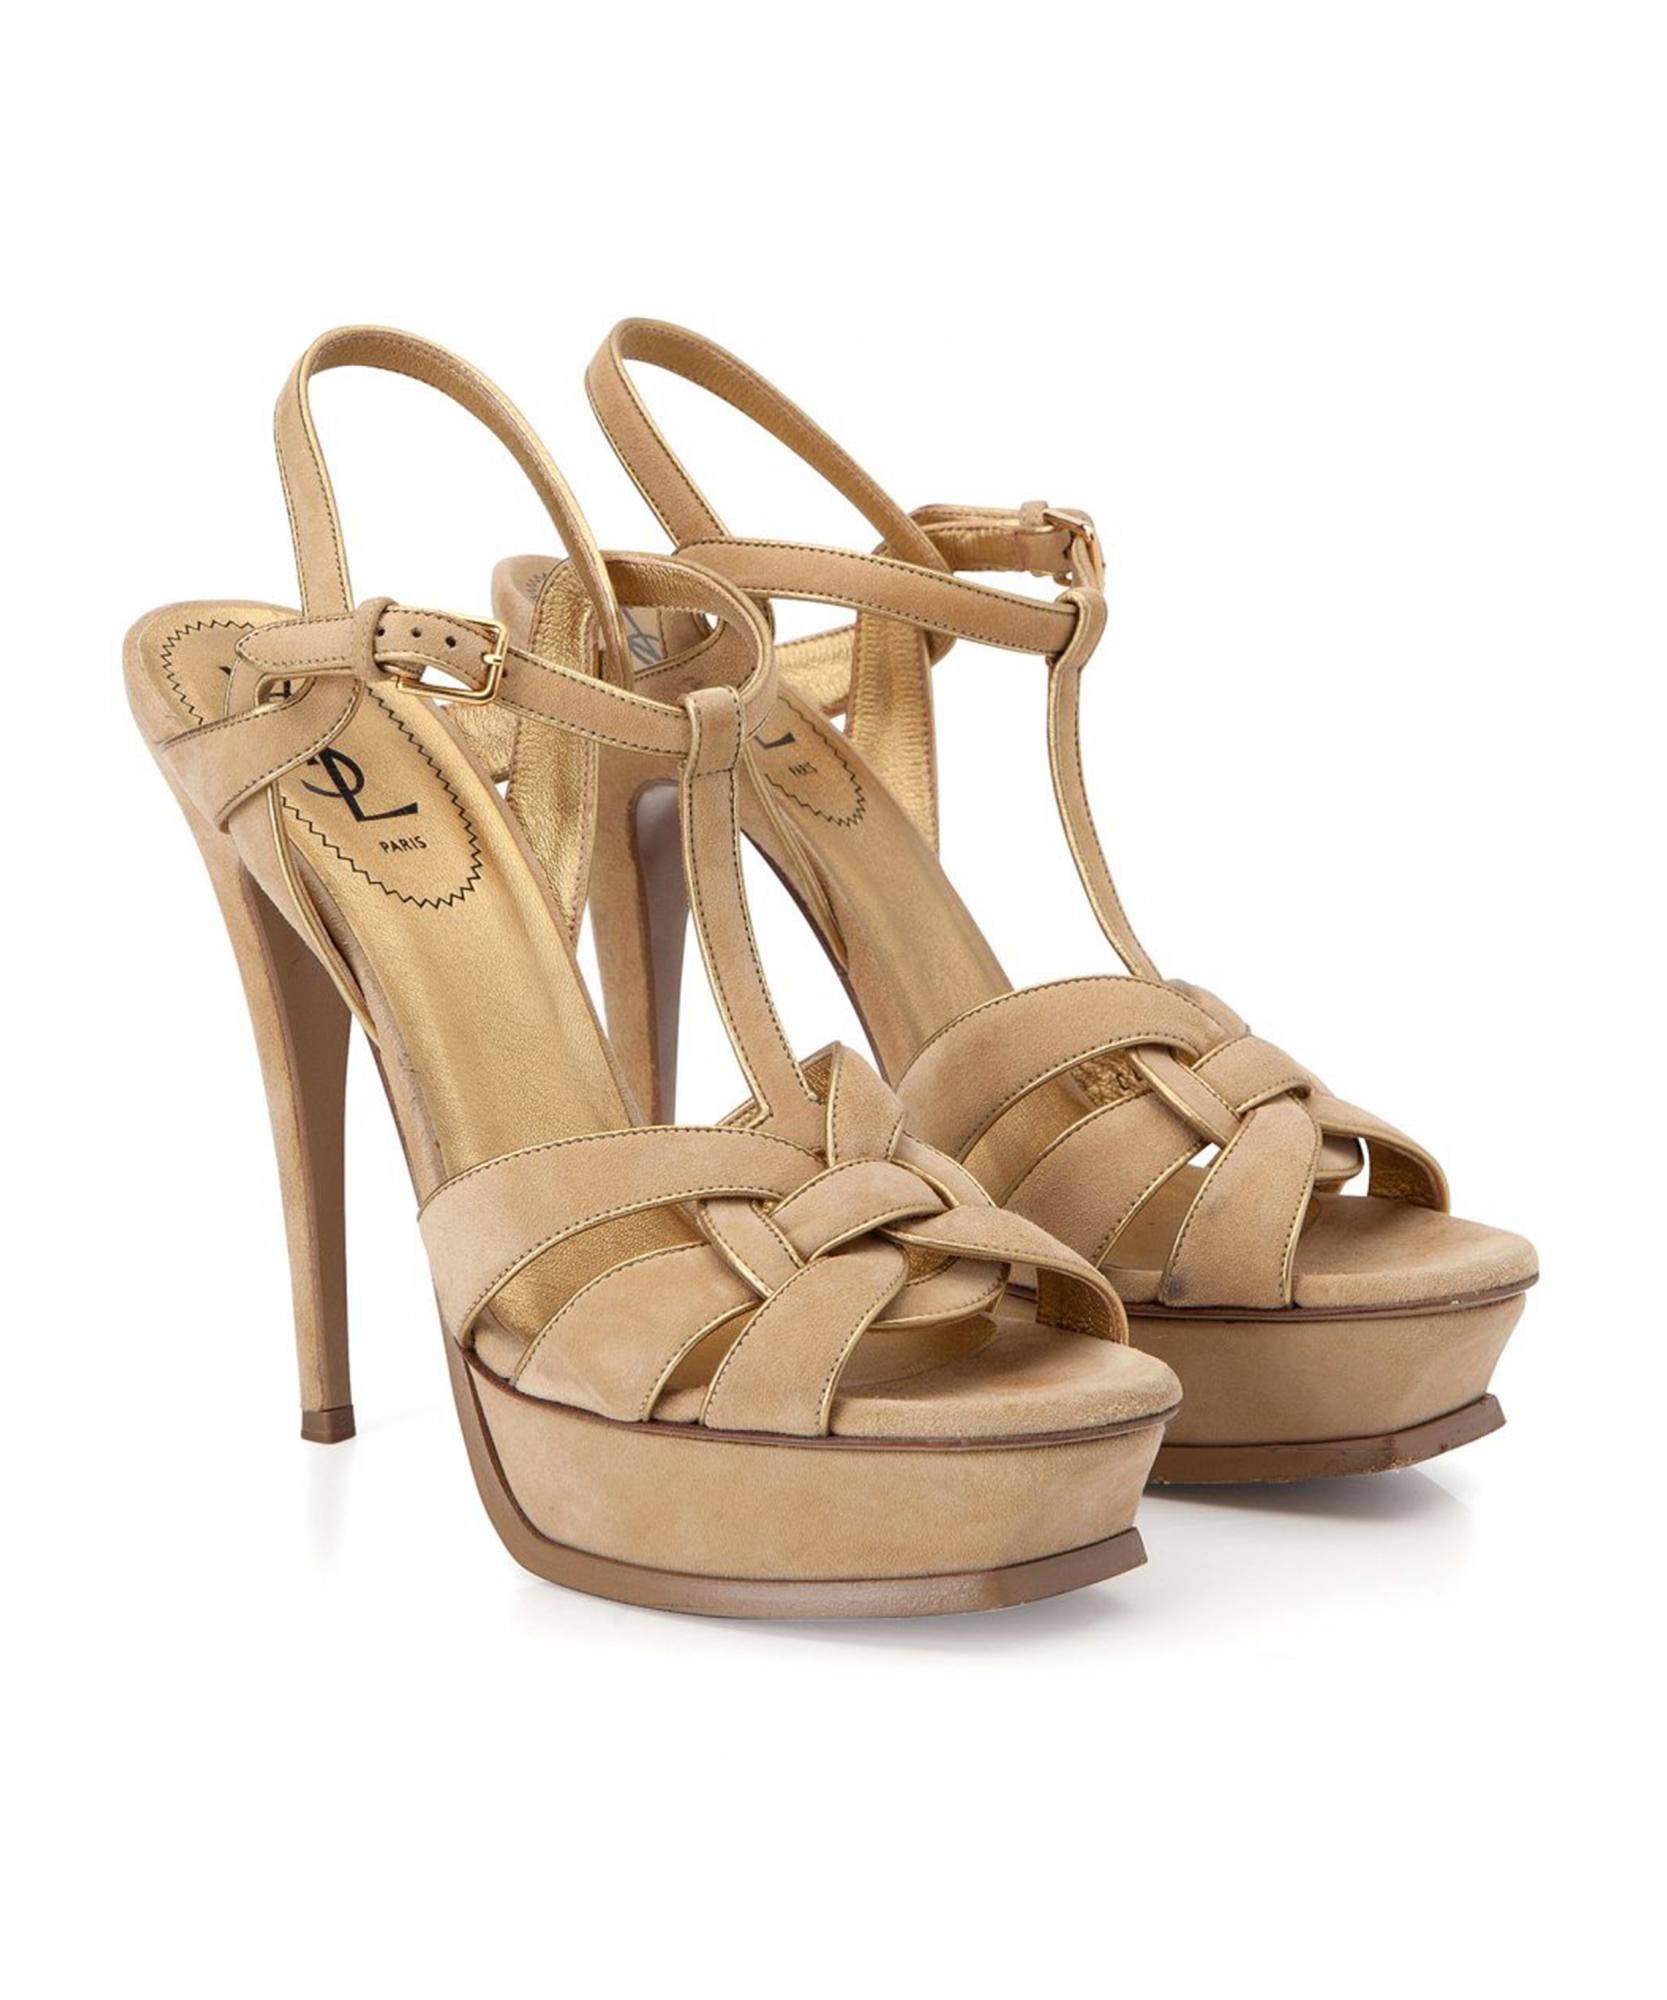 e2891efecc6 Yves Saint Laurent Nude Suede  Tribute  Sandals